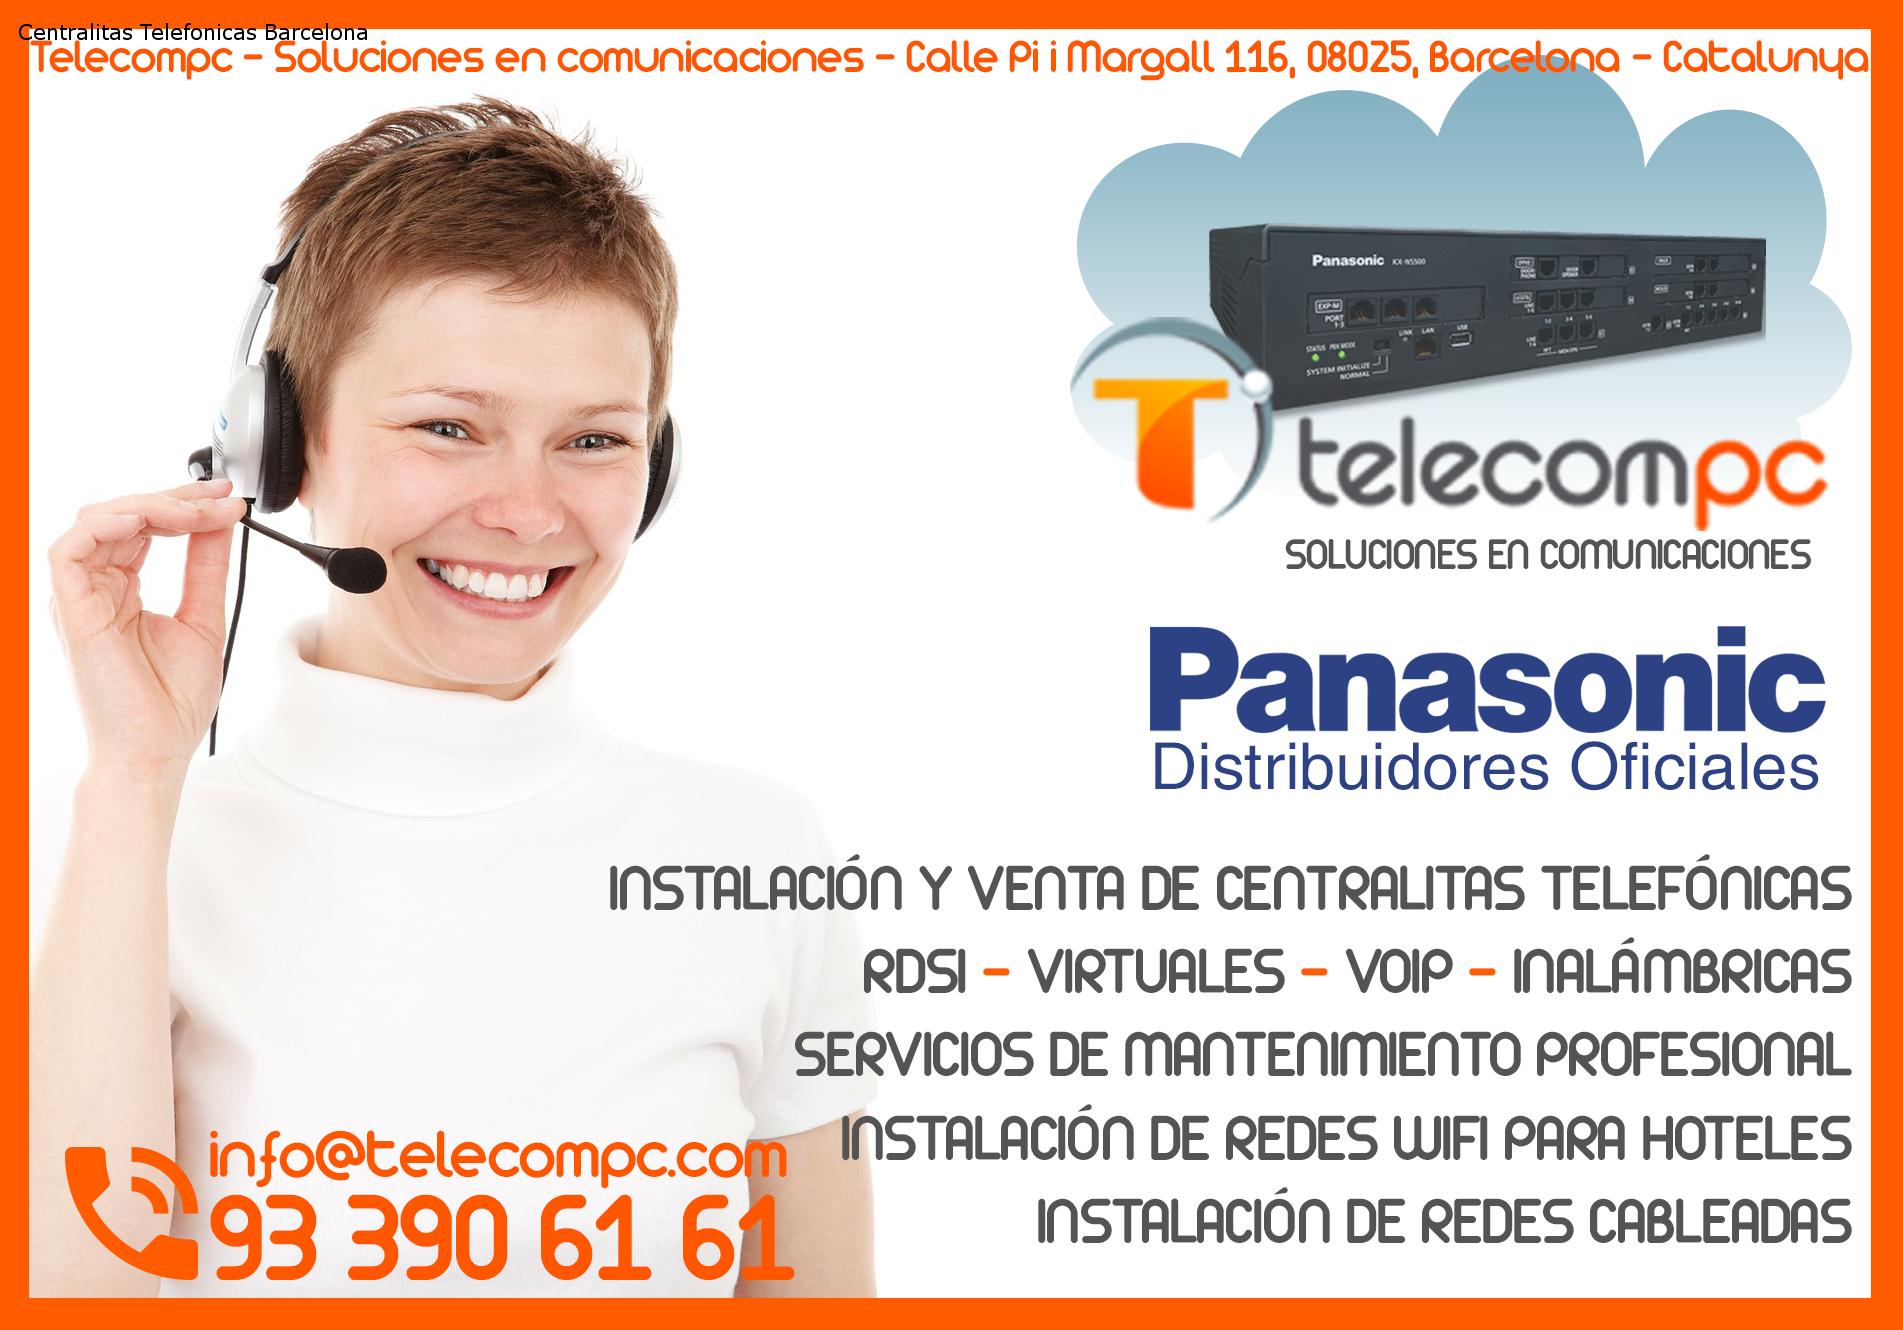 Centralitas Telefonicas Barcelona